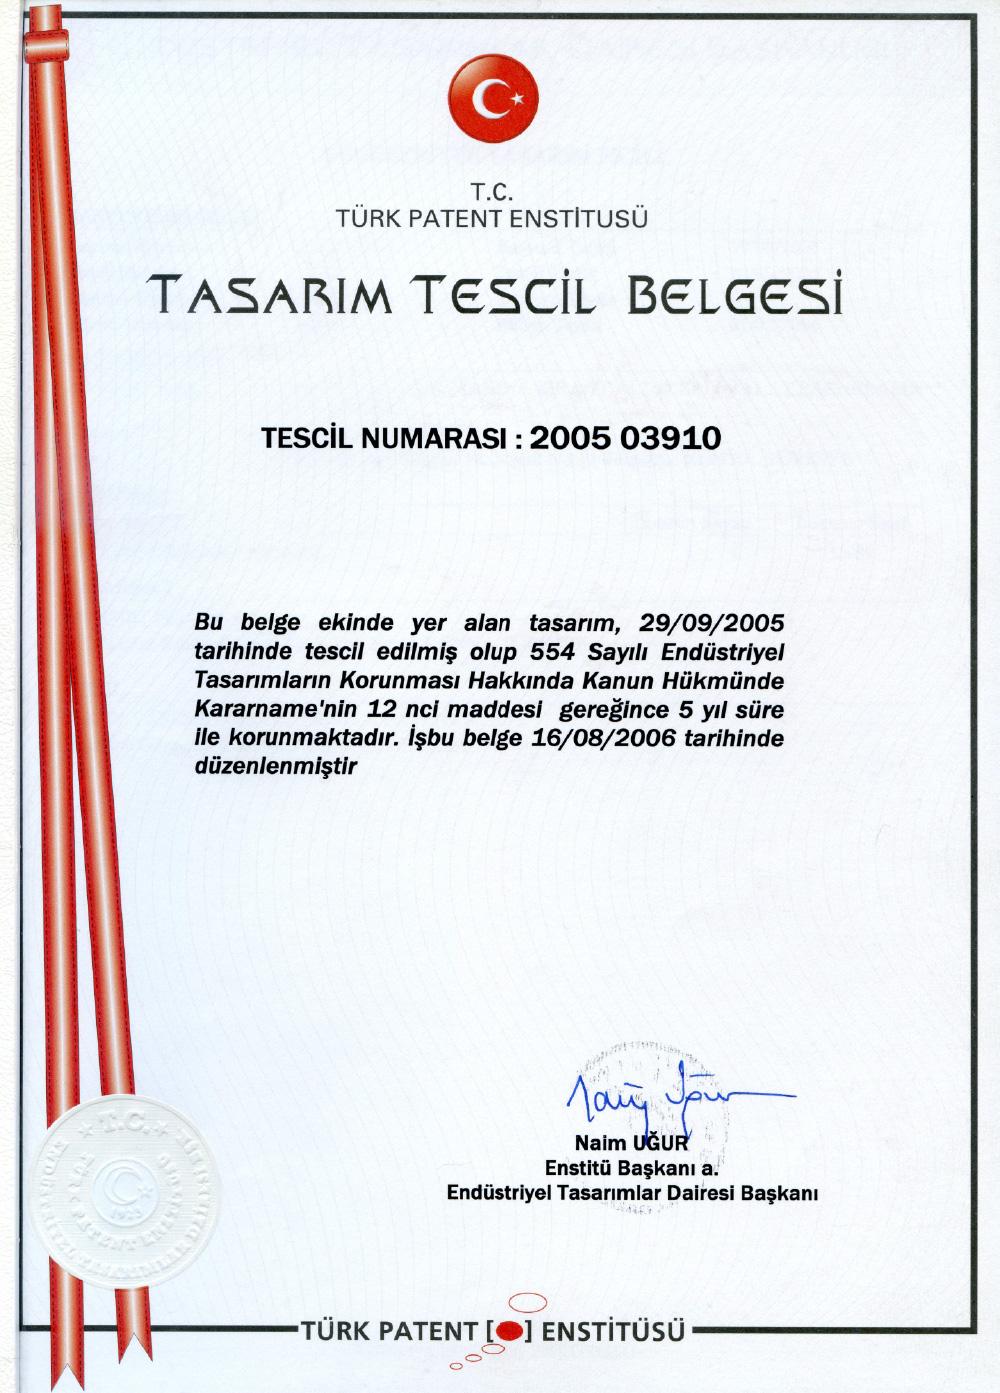 Сертификат регистрации проекта